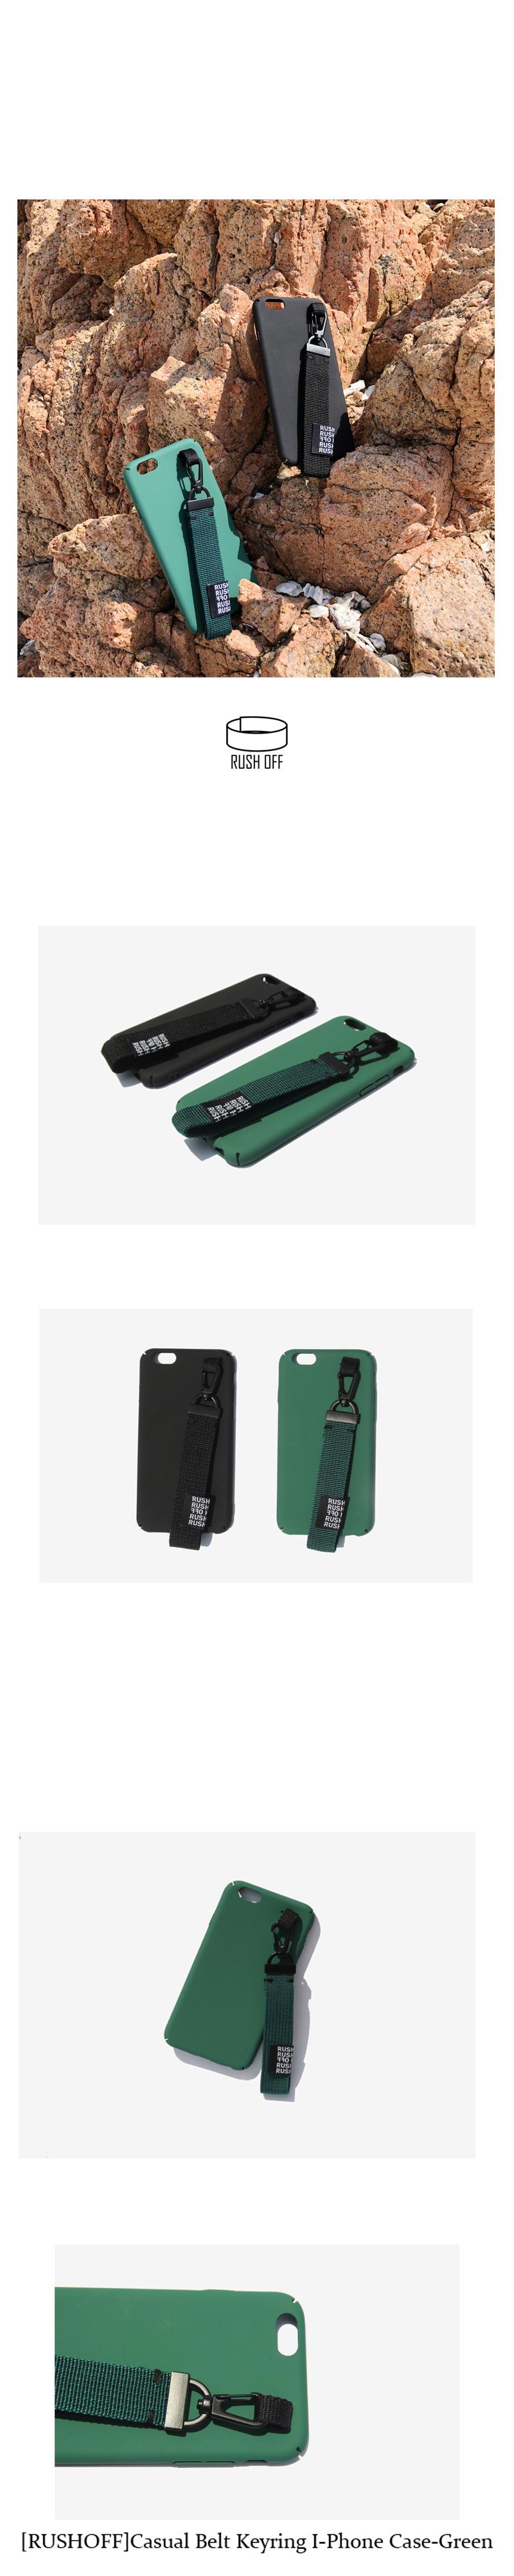 캐주얼 벨트키링 그린아이폰케이스 X - 러쉬오프, 13,520원, 케이스, 아이폰X